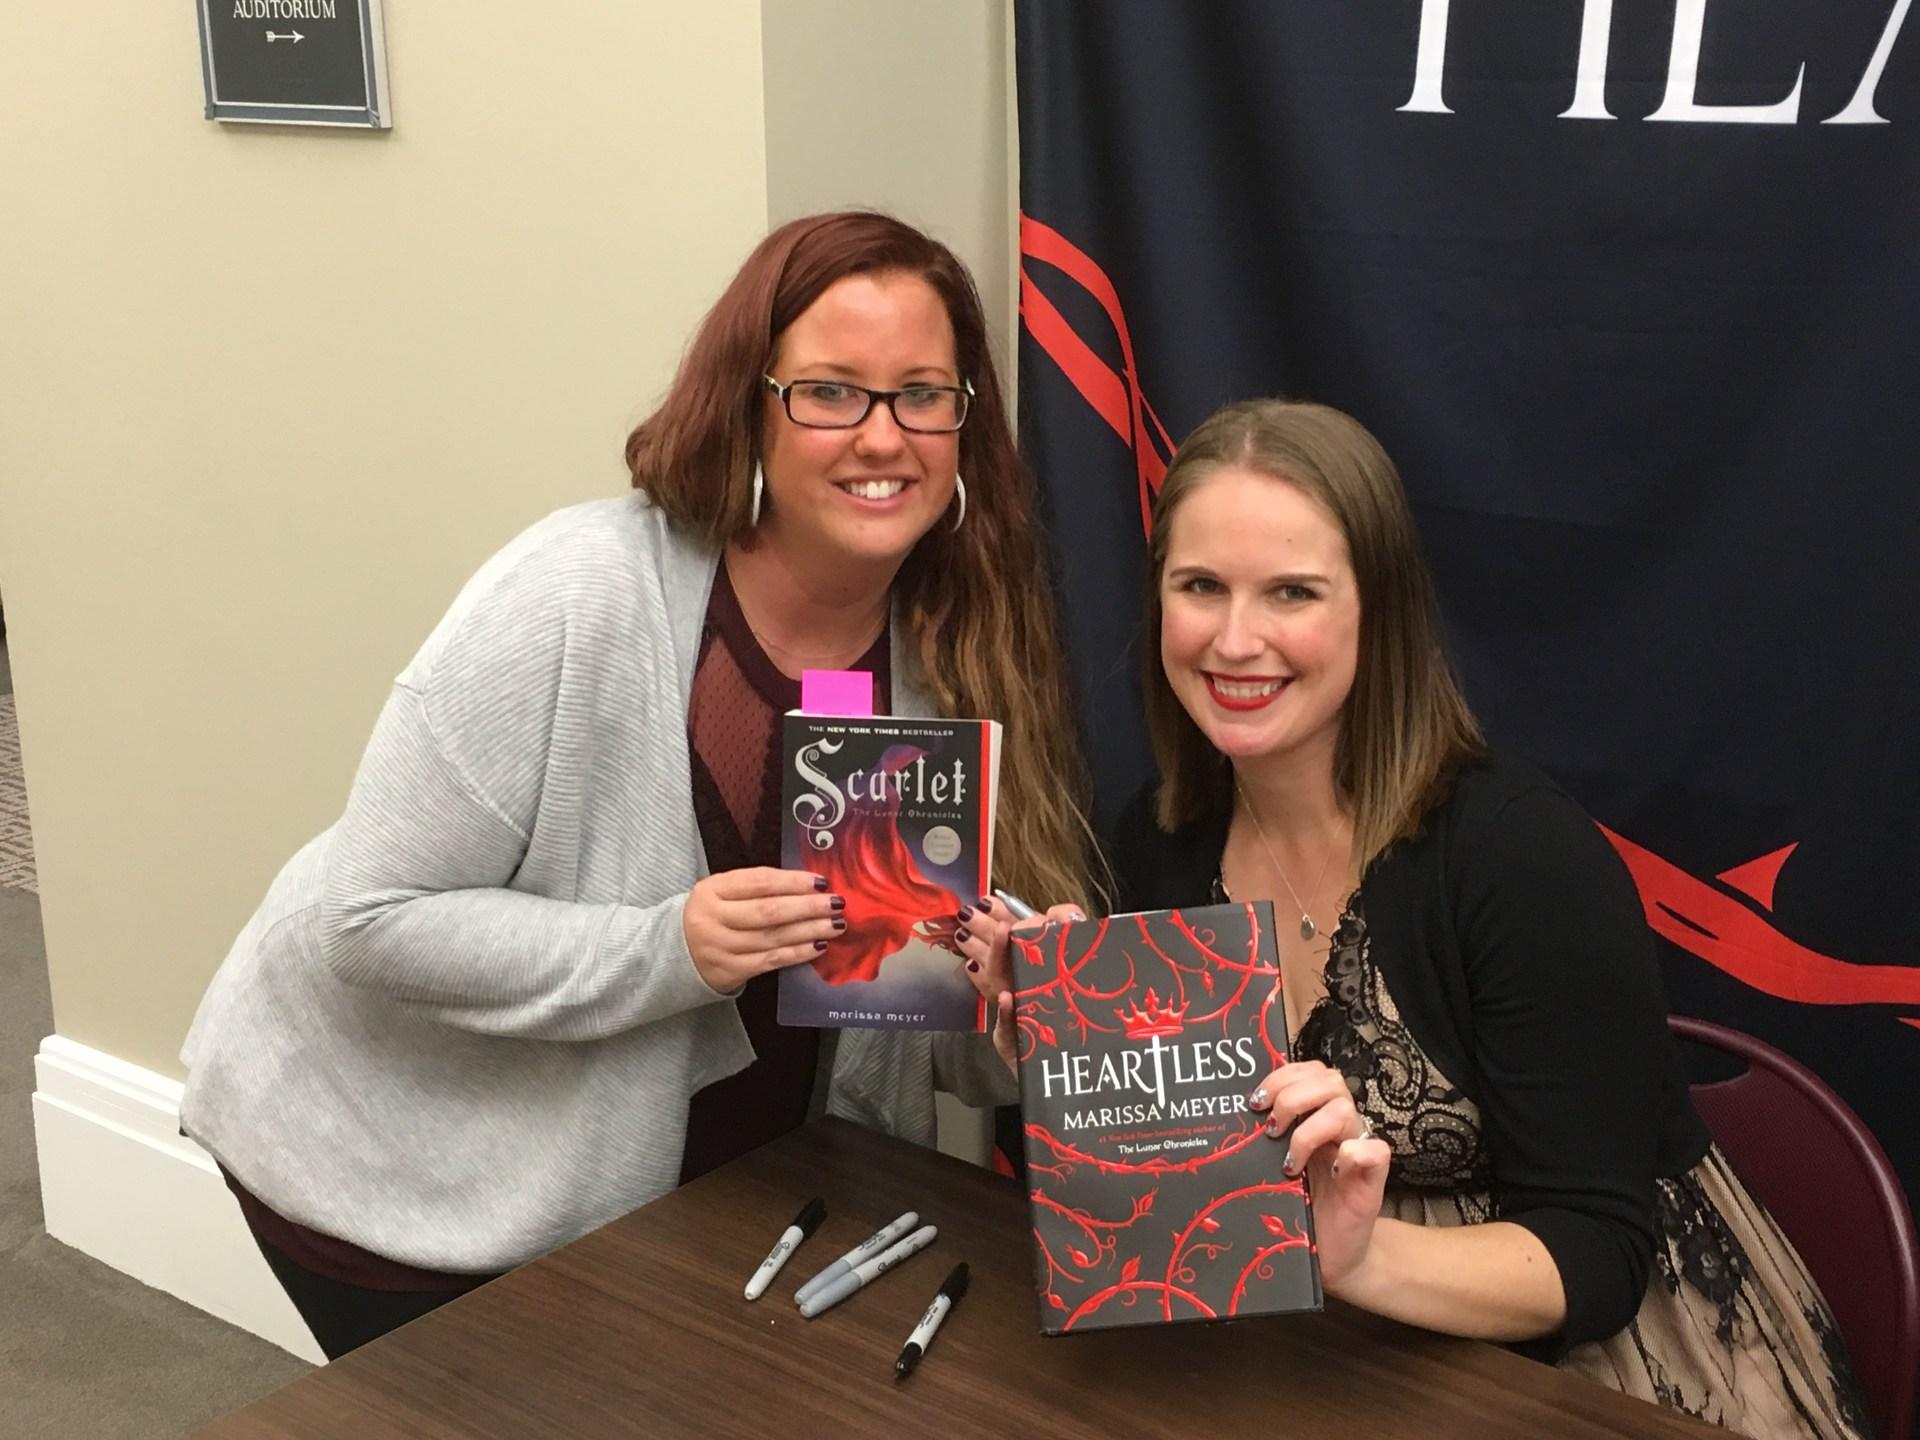 Ms. Rein with Author Marissa Meyer